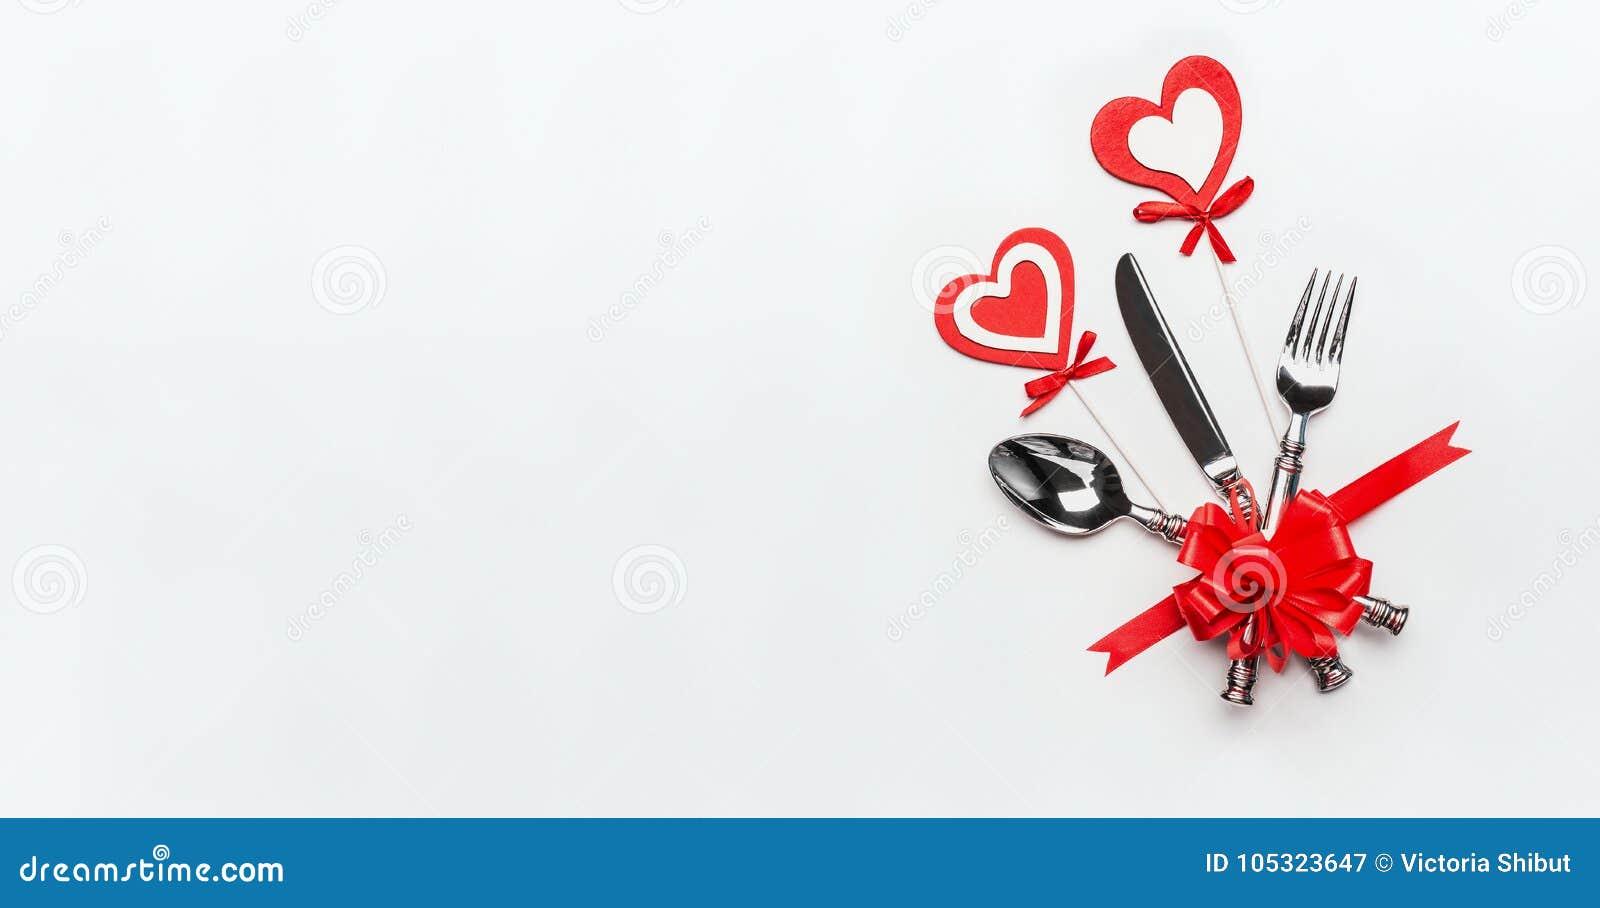 Cubierto festivo de la tabla con los cubiertos y la cinta roja y corazones en el fondo blanco, bandera